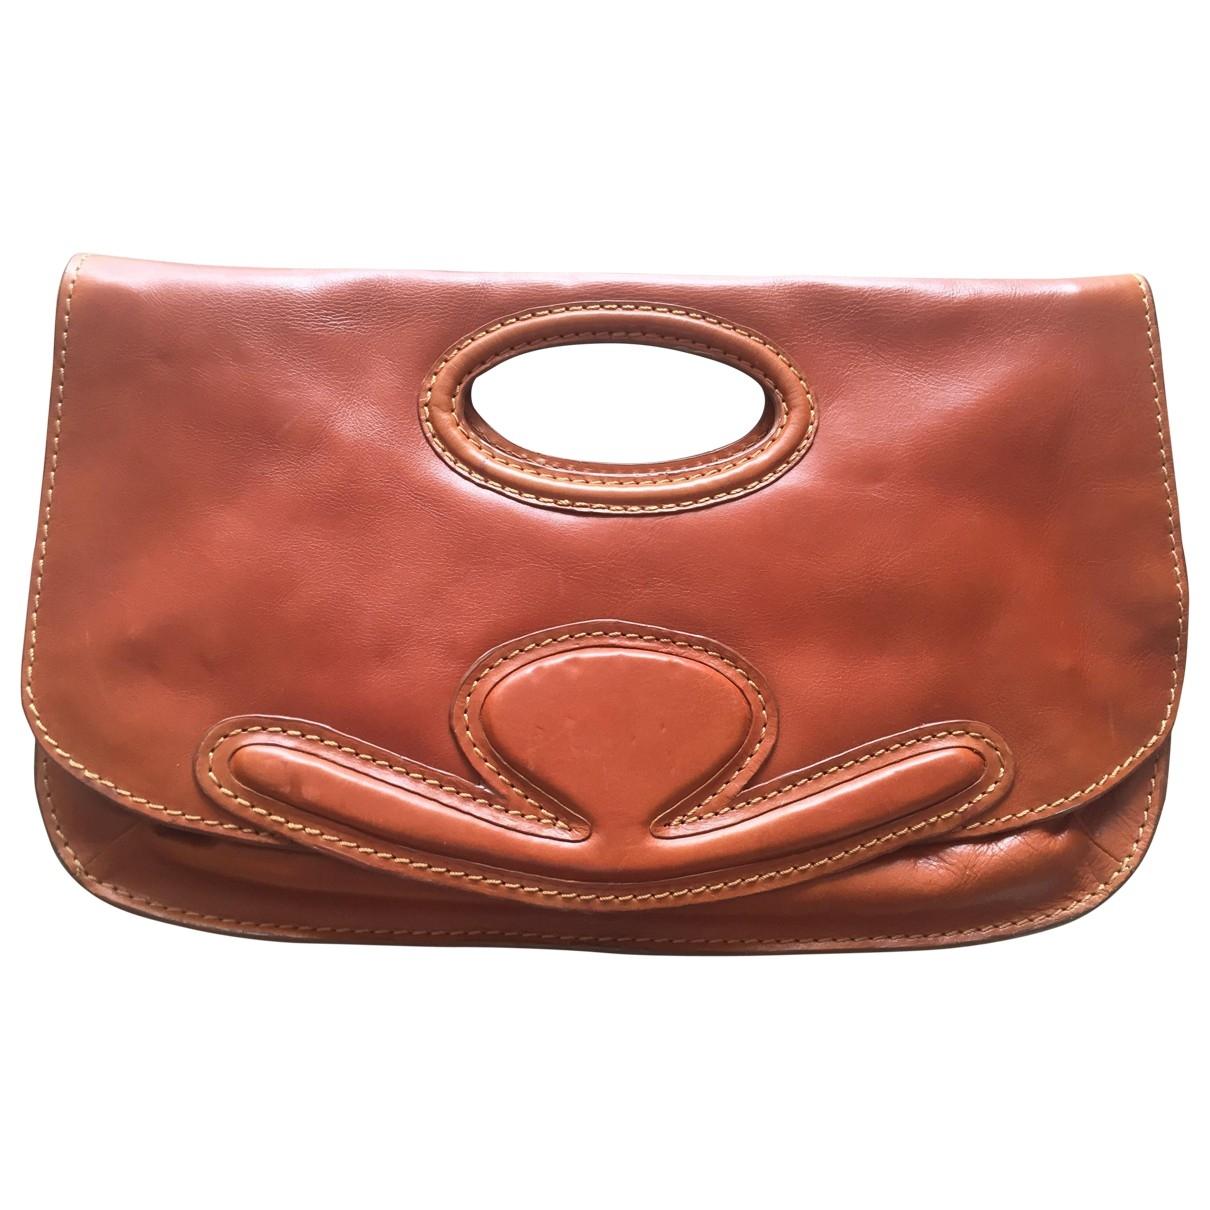 Hoss Intropia \N Handtasche in Fell